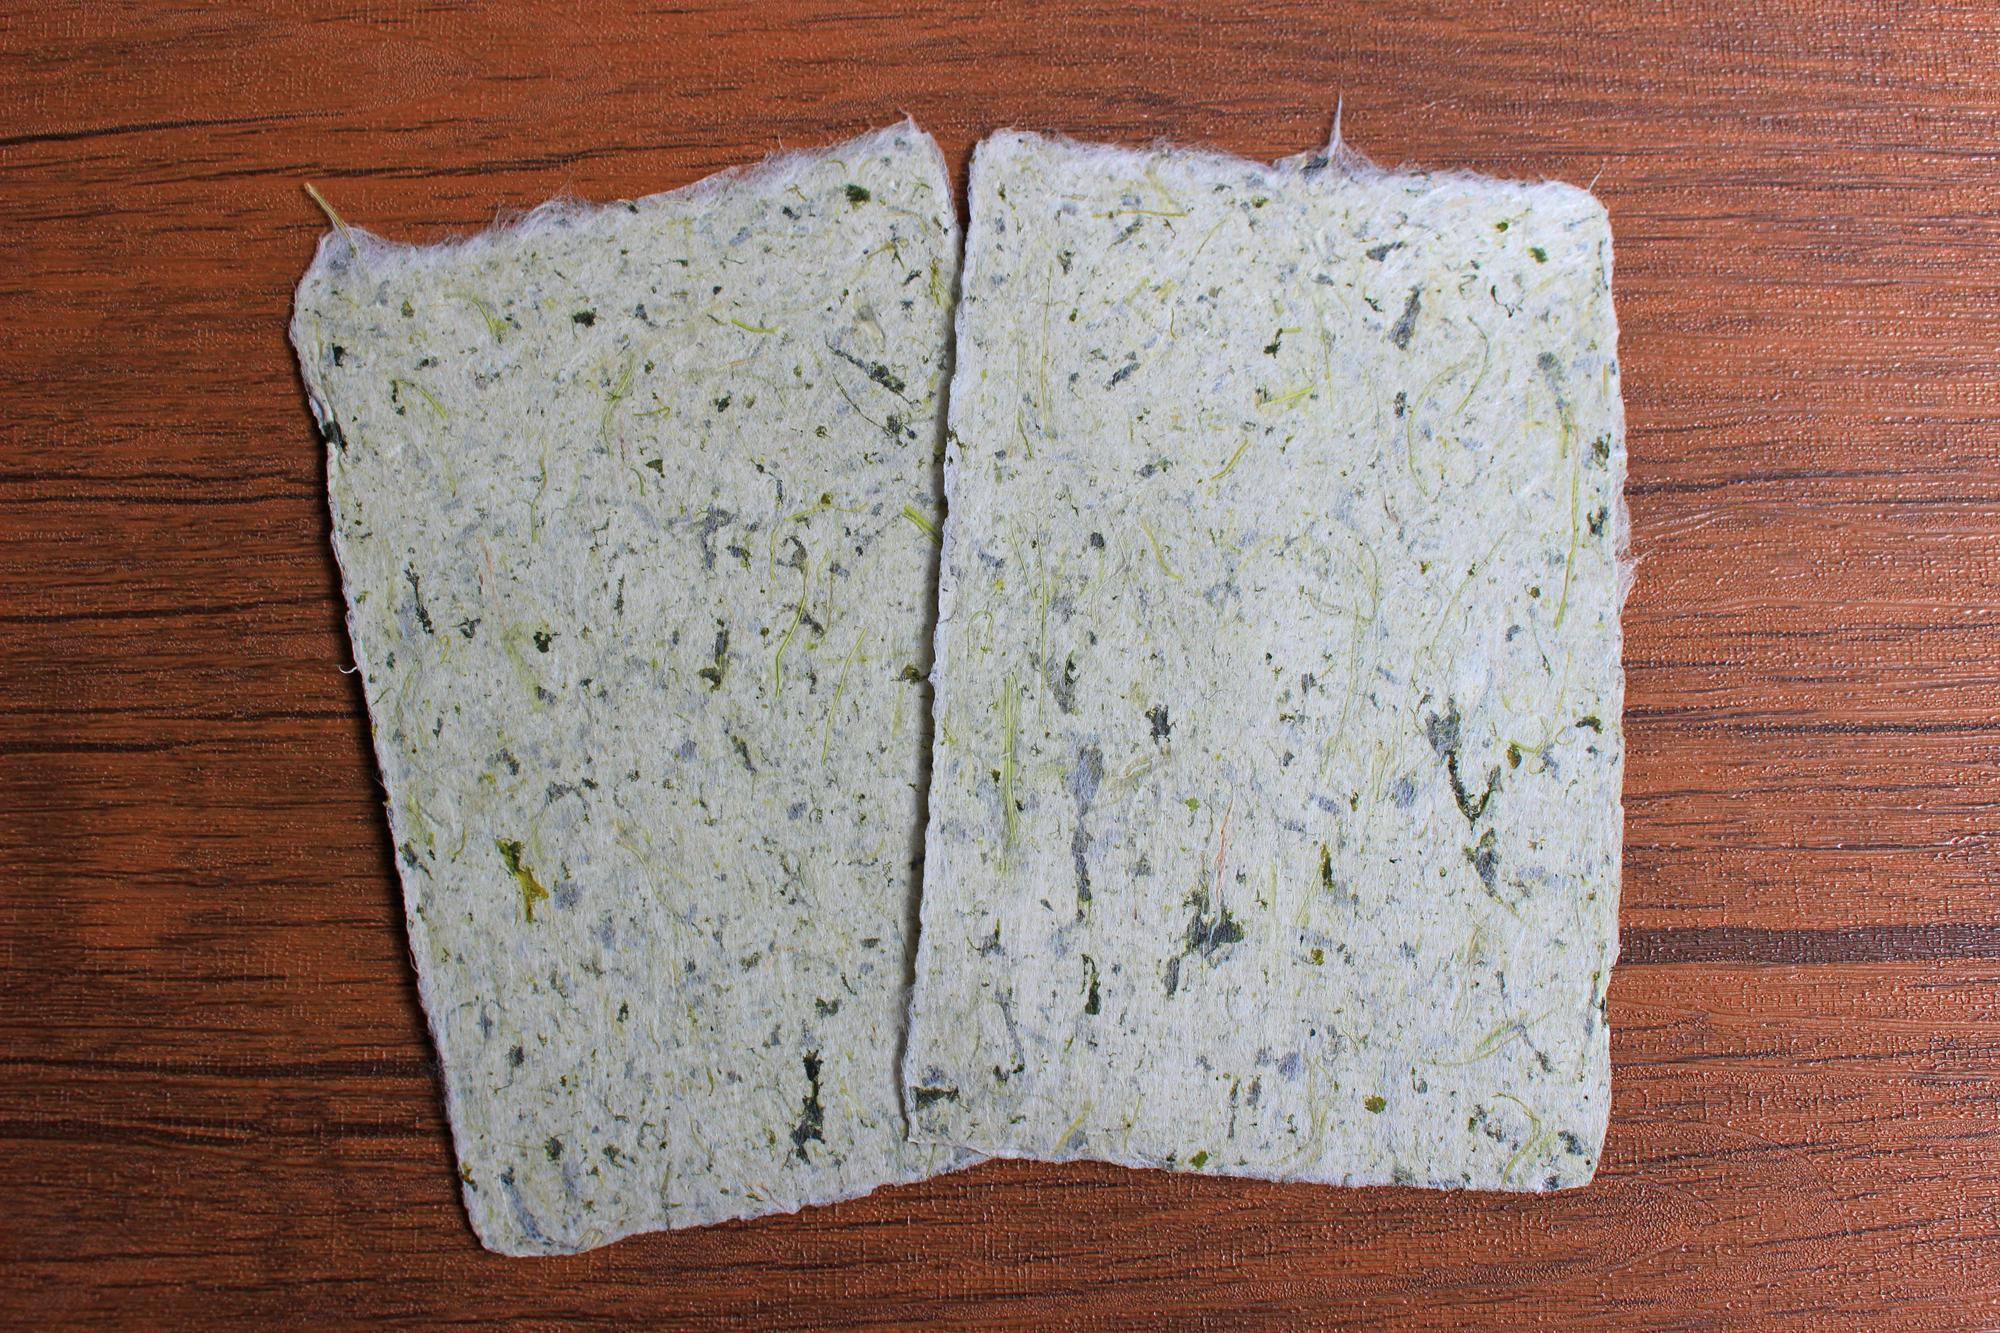 <エコロジー>ほんのり緑色の青菜(ターサイ)入手すき和紙ポストカード(2枚セット)